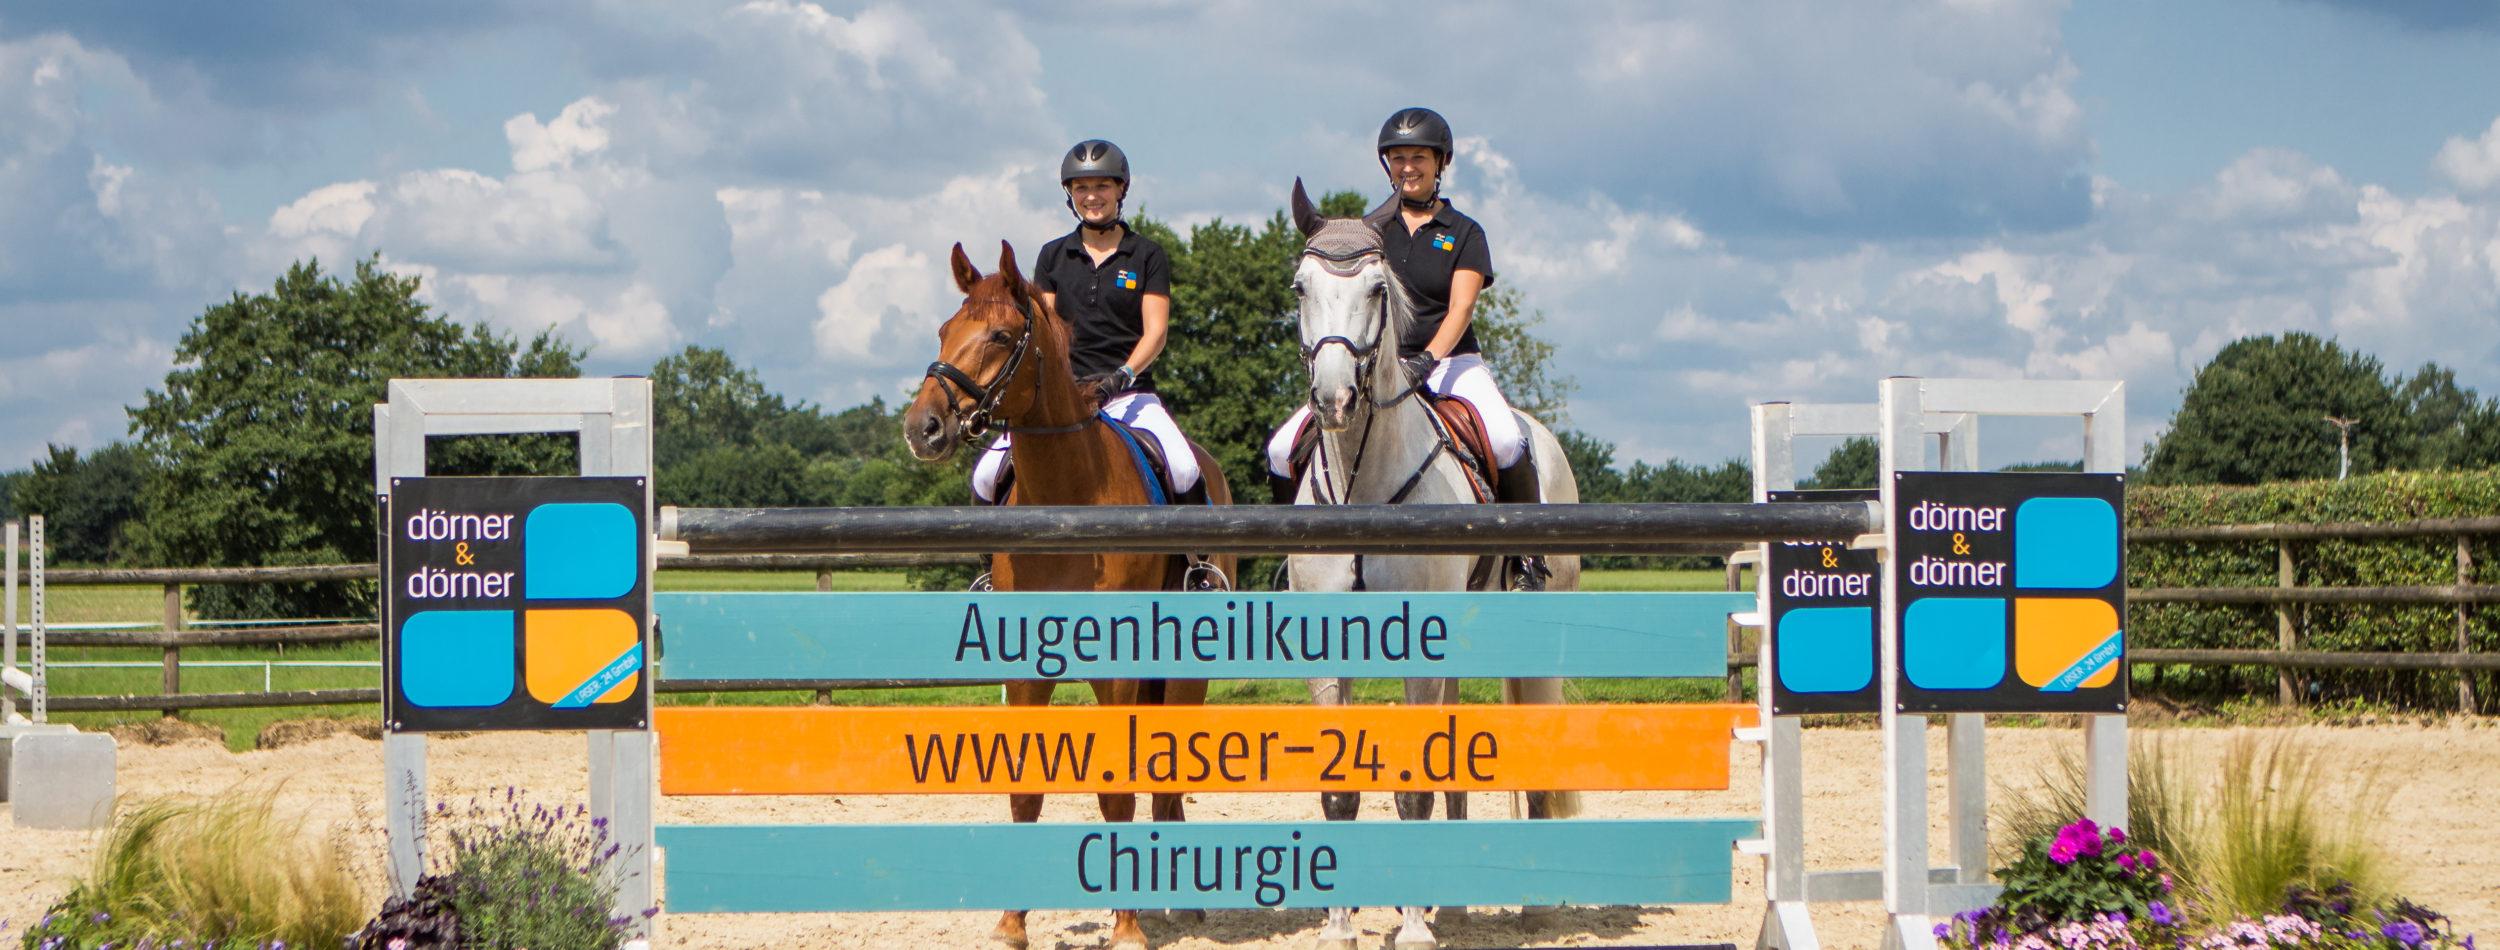 Laser24-Bocholt-Dorner-Dorner-Homepage